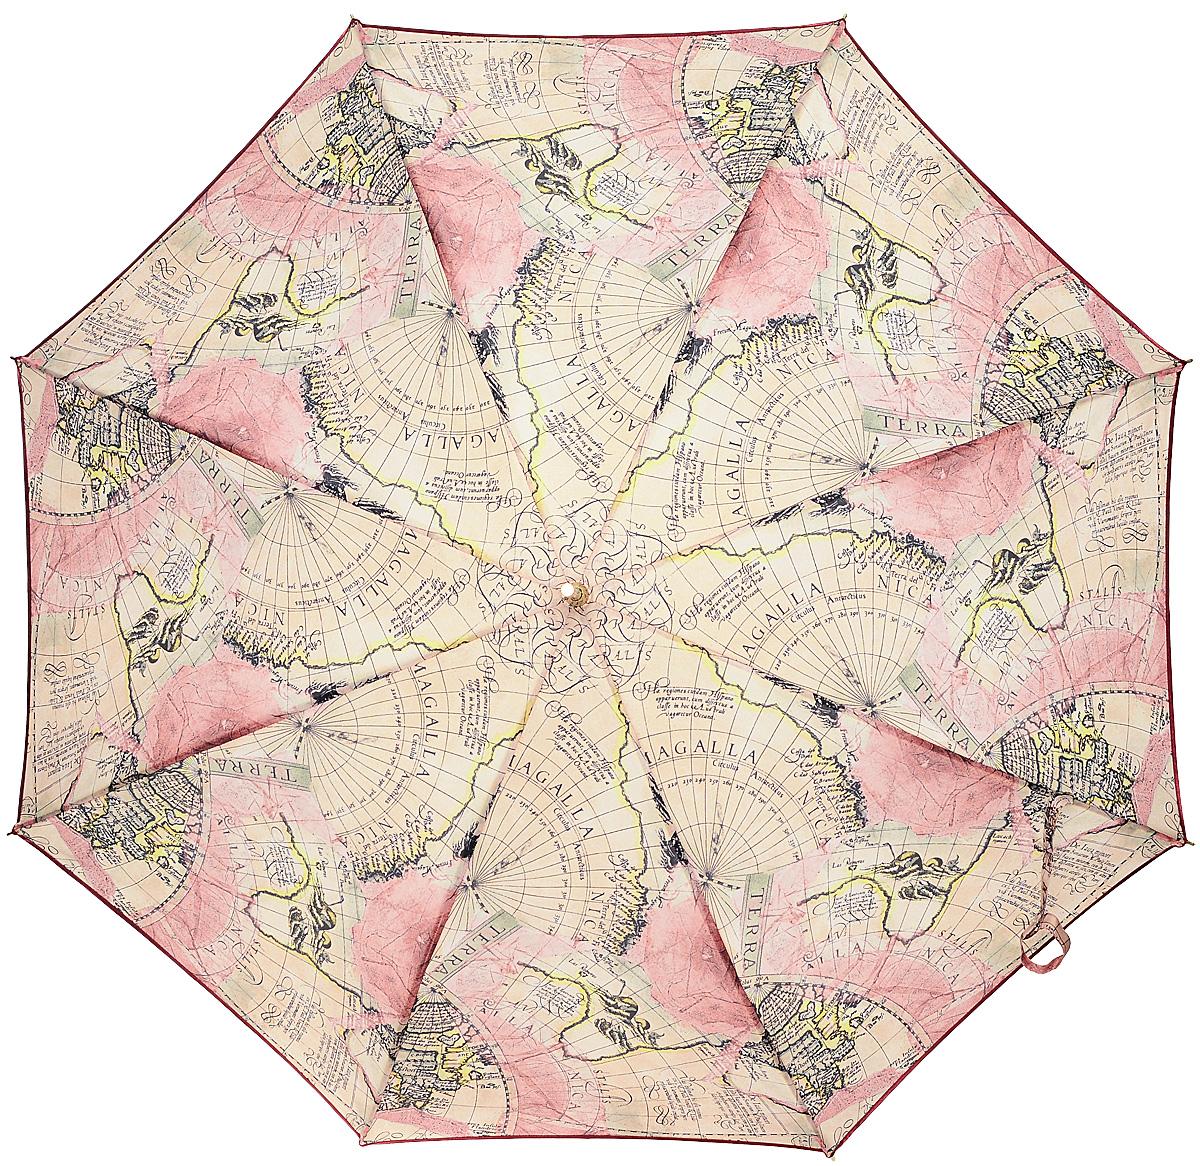 Зонт-трость женский Stilla, цвет: светло-розовый, бежевый, черный. 680/1 autoSCPA390Зонт-трость Stilla надежно защитит вас от дождя. Купол, оформленный оригинальным принтом, выполнен из высококачественного ПВХ, который не пропускает воду.Каркас зонта и спицы выполнены из высококарбонистой стали. Зонт имеет автоматический тип сложения: открывается и закрывается при нажатии на кнопку. Удобная ручка выполнена из пластика.